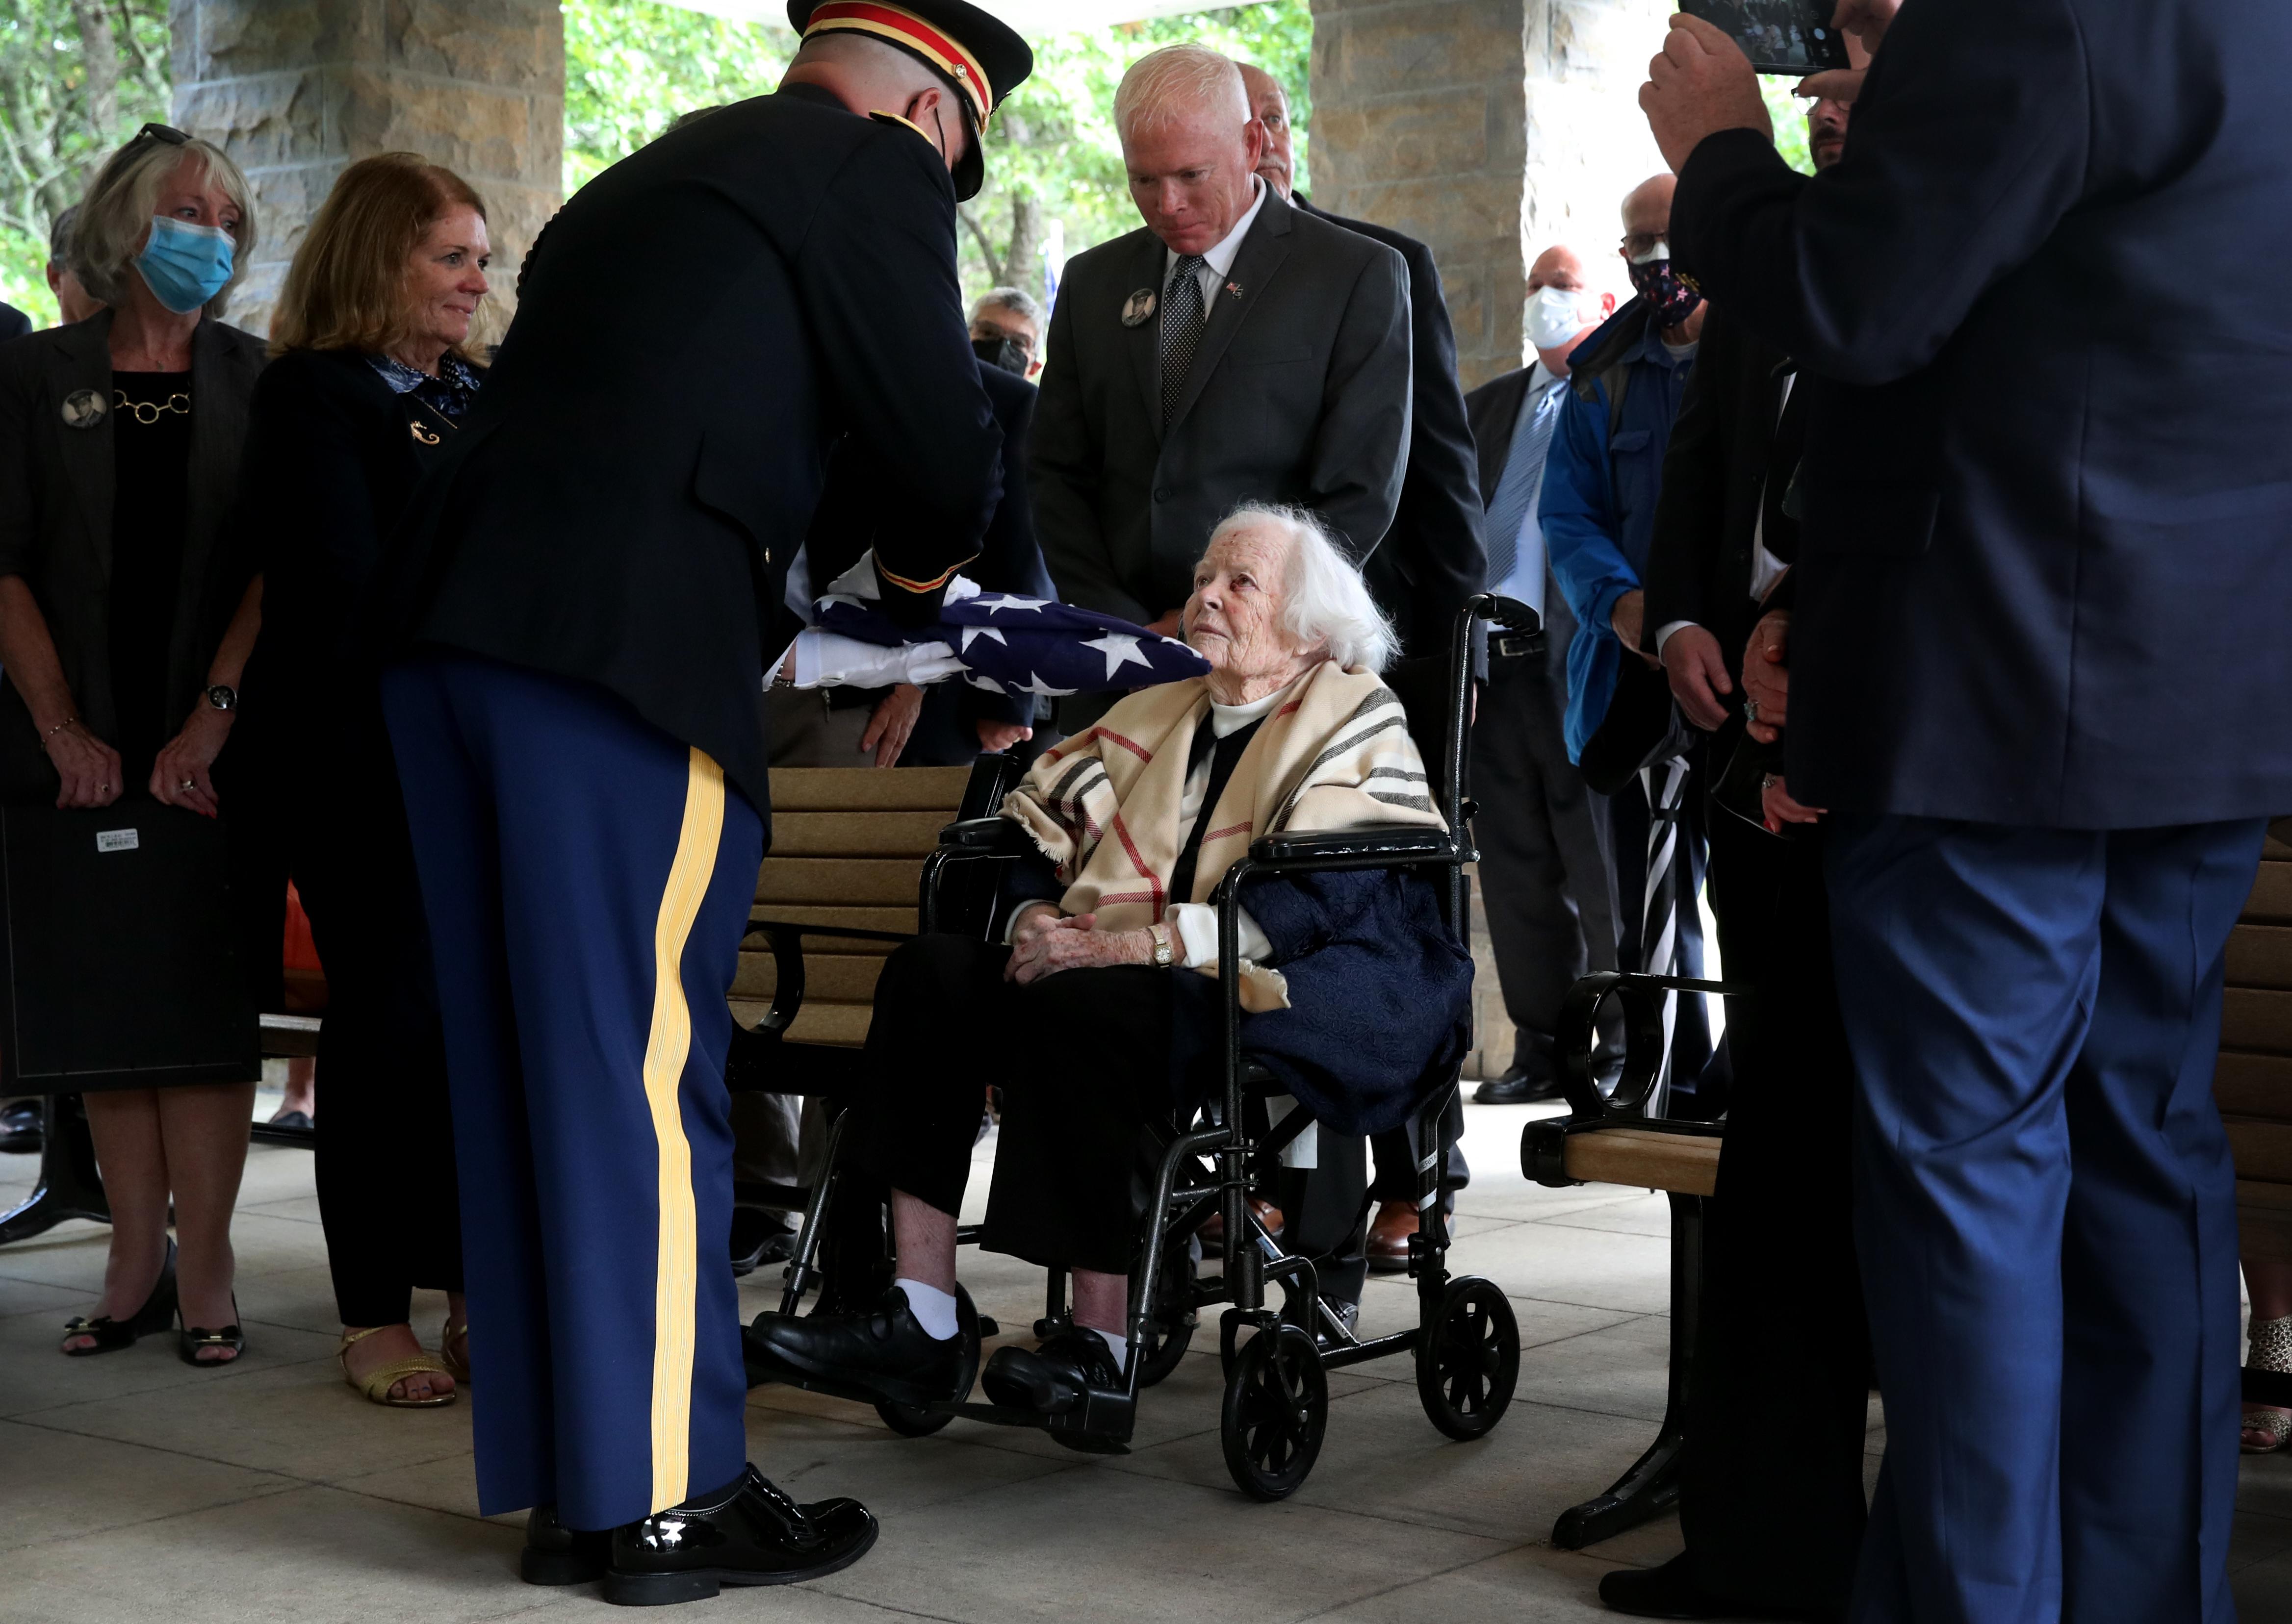 엘렌 오 칸 레드 게이트는 2021 년 9 월 17 일 메사추세츠 본 매사추세츠 국립 묘지에서 처남 인 토마스 J. 레드 게이트에 봉사하고있을 때 미국 국기를 제시했습니다.